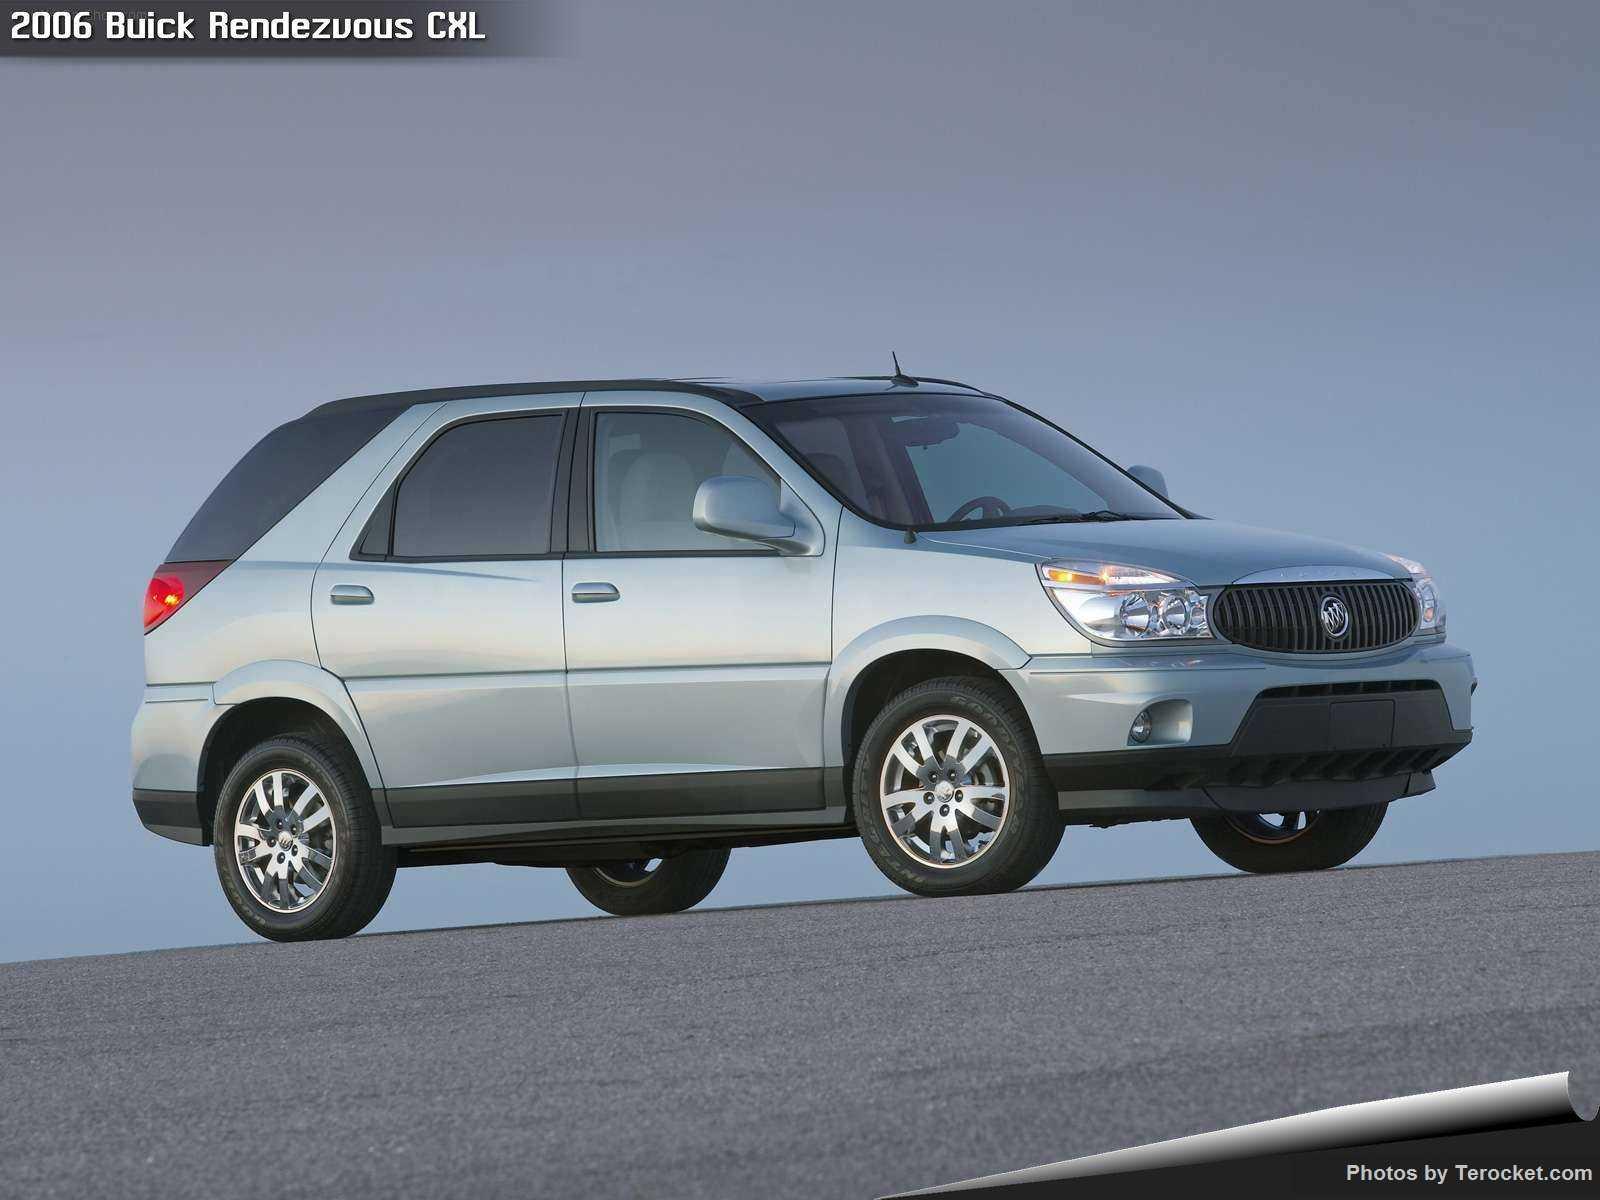 Hình ảnh xe ô tô Buick Rendezvous CXL 2006 & nội ngoại thất